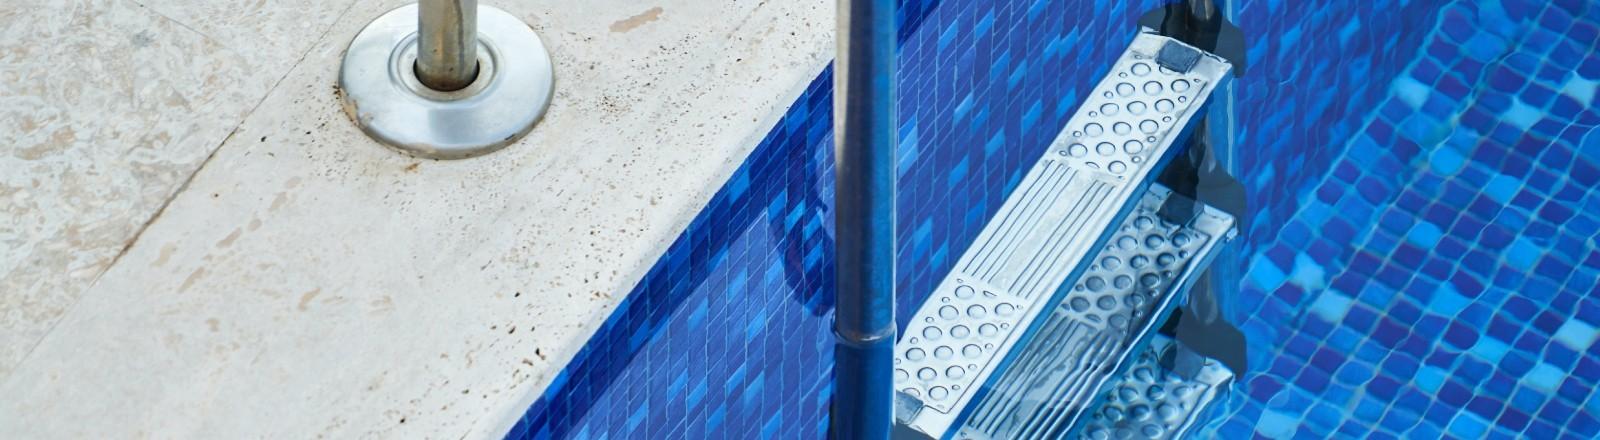 Eine Treppe führt in einen leeren Pool.